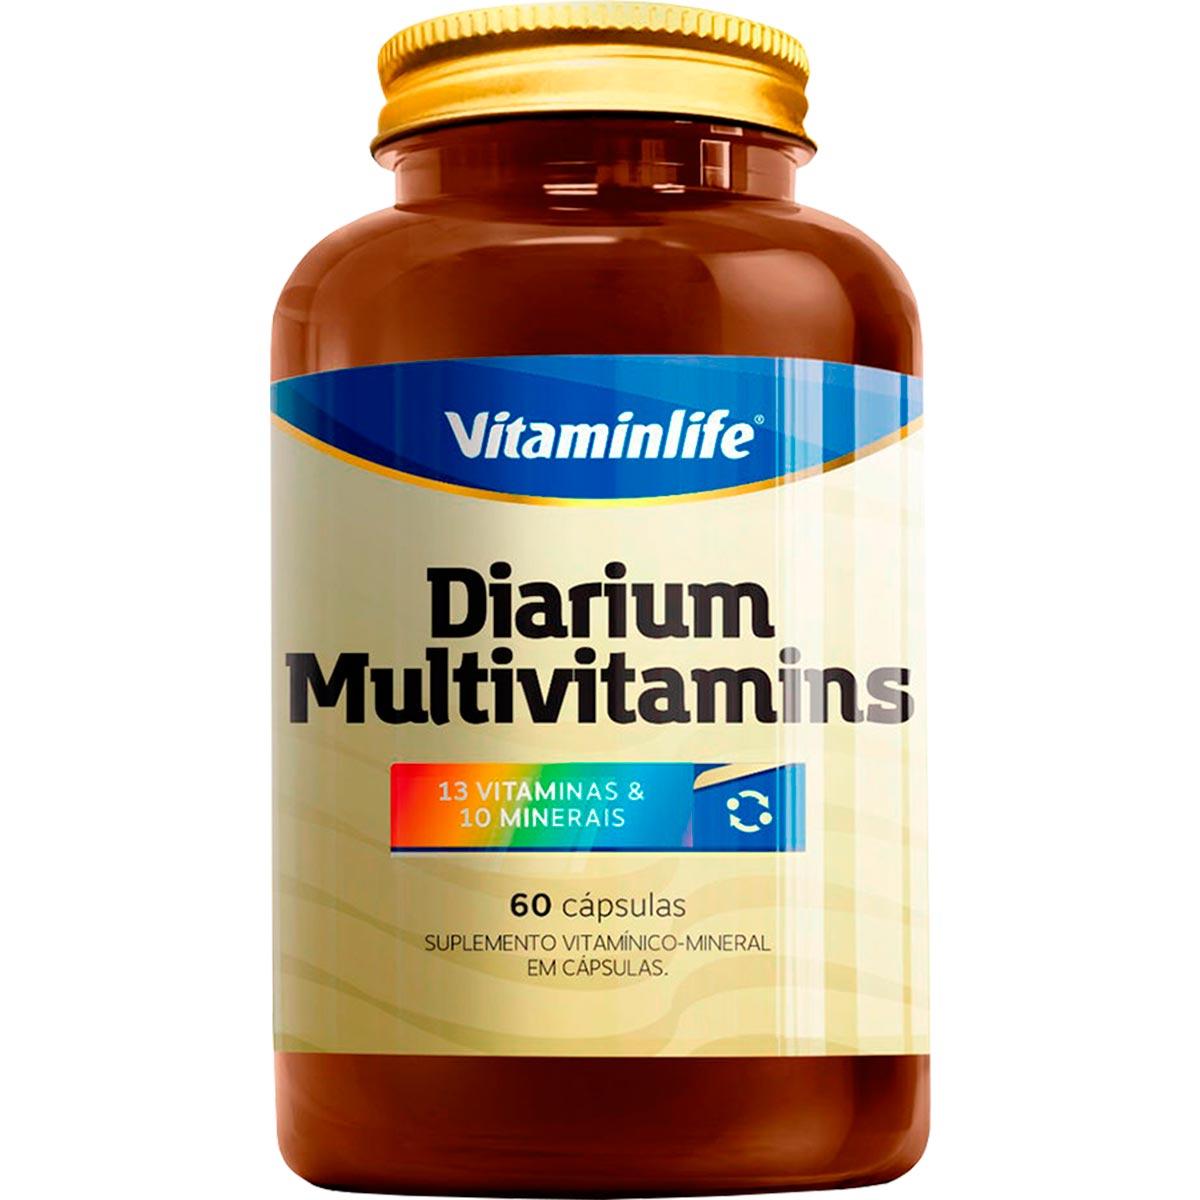 Diarium Multivitamins 60 Cápsulas - Vitaminlife